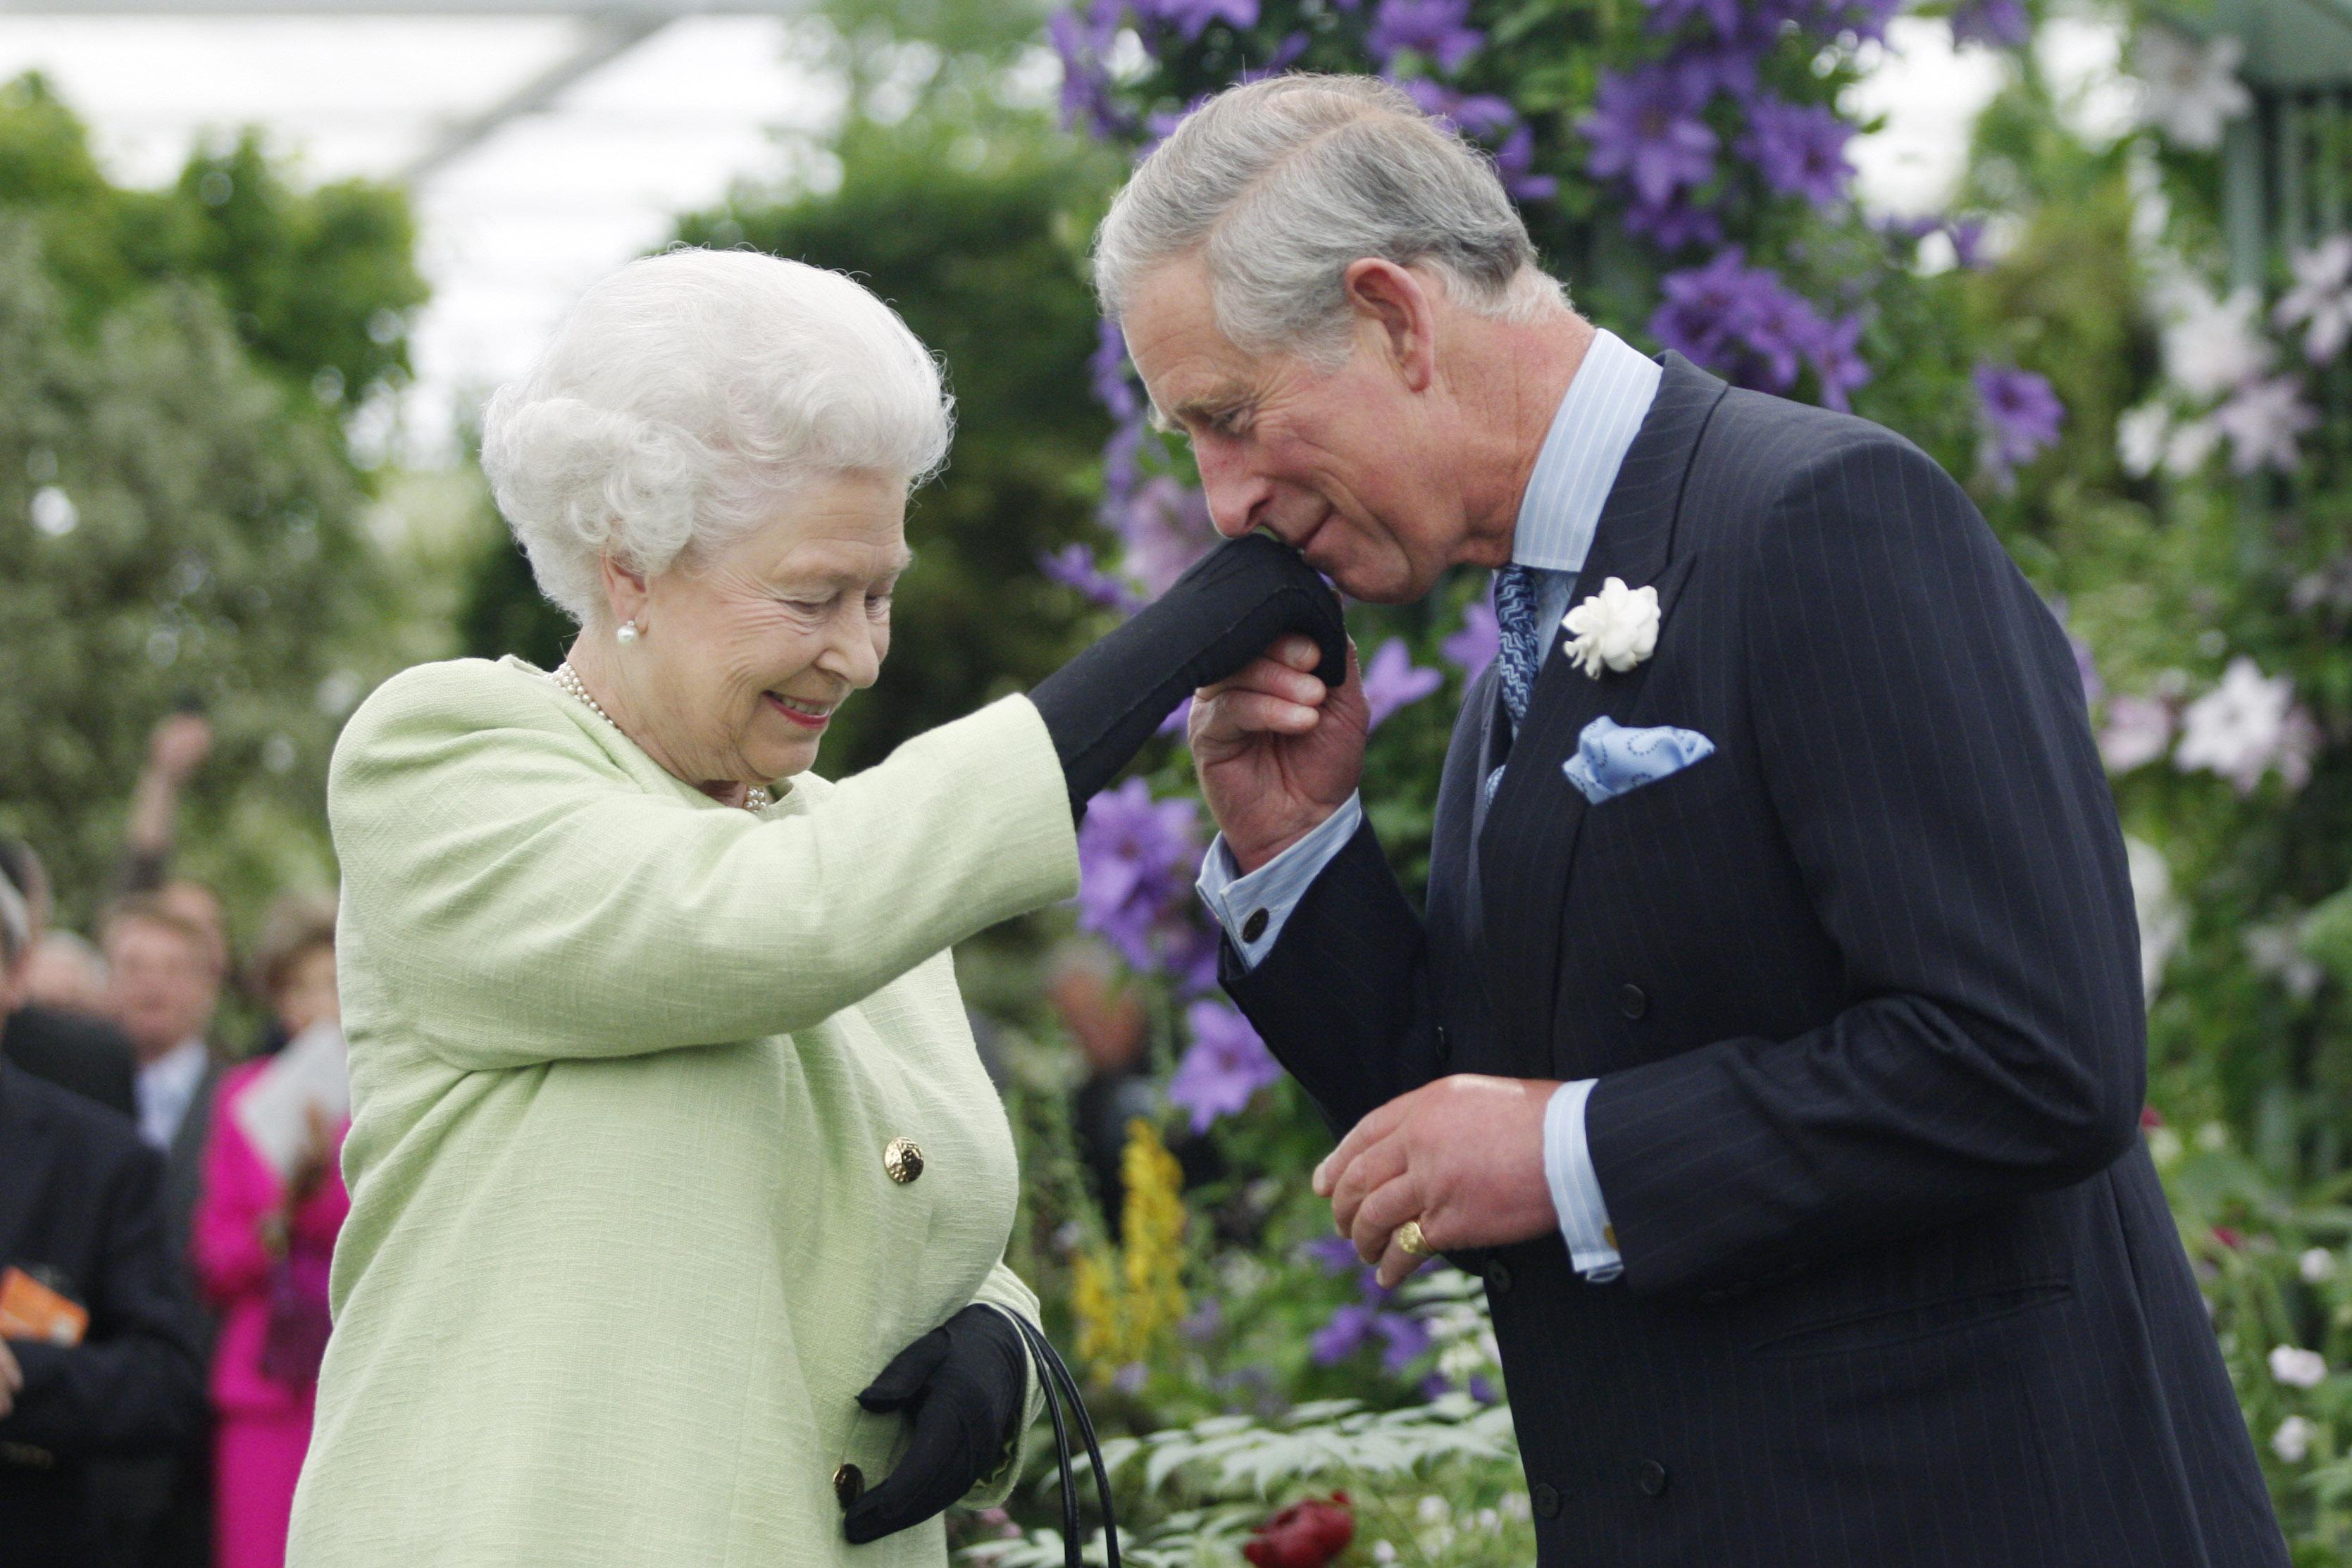 <p><strong>10. Pредпазливoст в избора на аксесоари</strong></p>  <p>Жените от кралското семейство трябва да бъдат предпазливи в избора на аксесоари - поне едната ръка трябва да е свободна. Следователно, предпочитание се дава на чанти носени на рамо, така че да е удобно да се ръкувате и да махате на поданиците.</p>